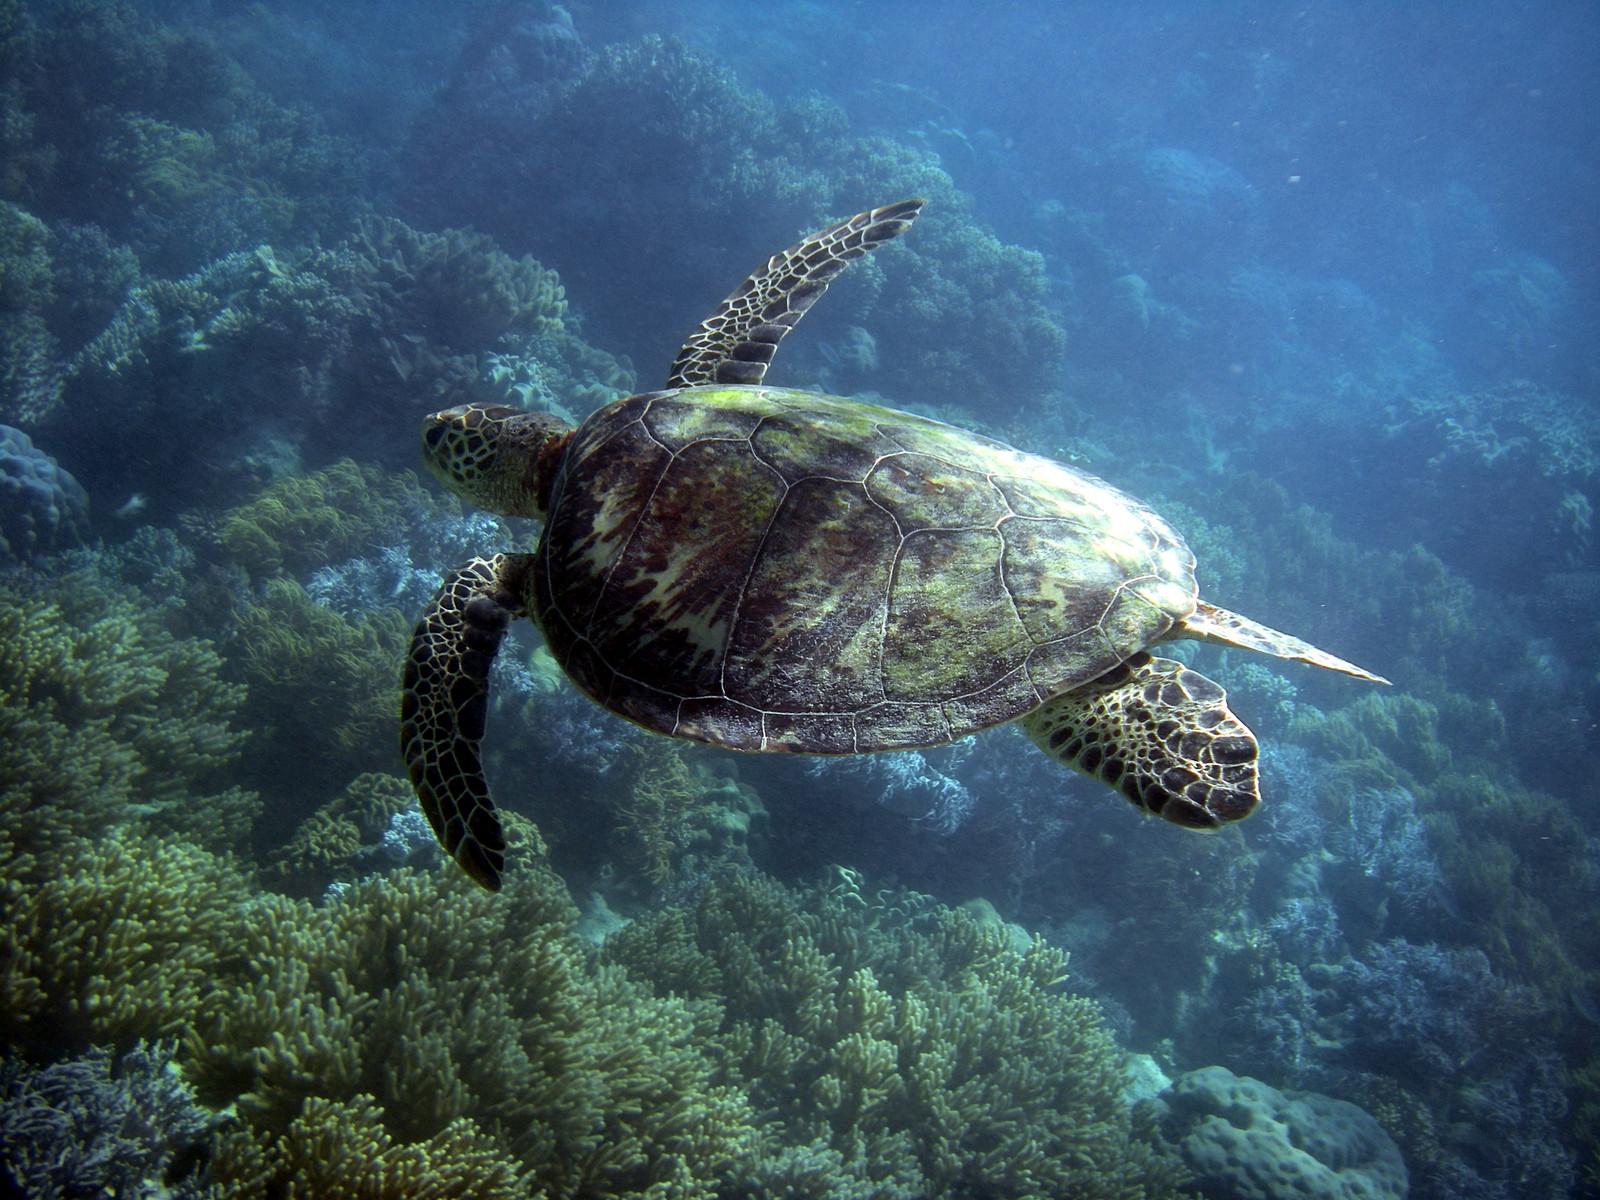 Turtle, Great Barrier Reef, Australia